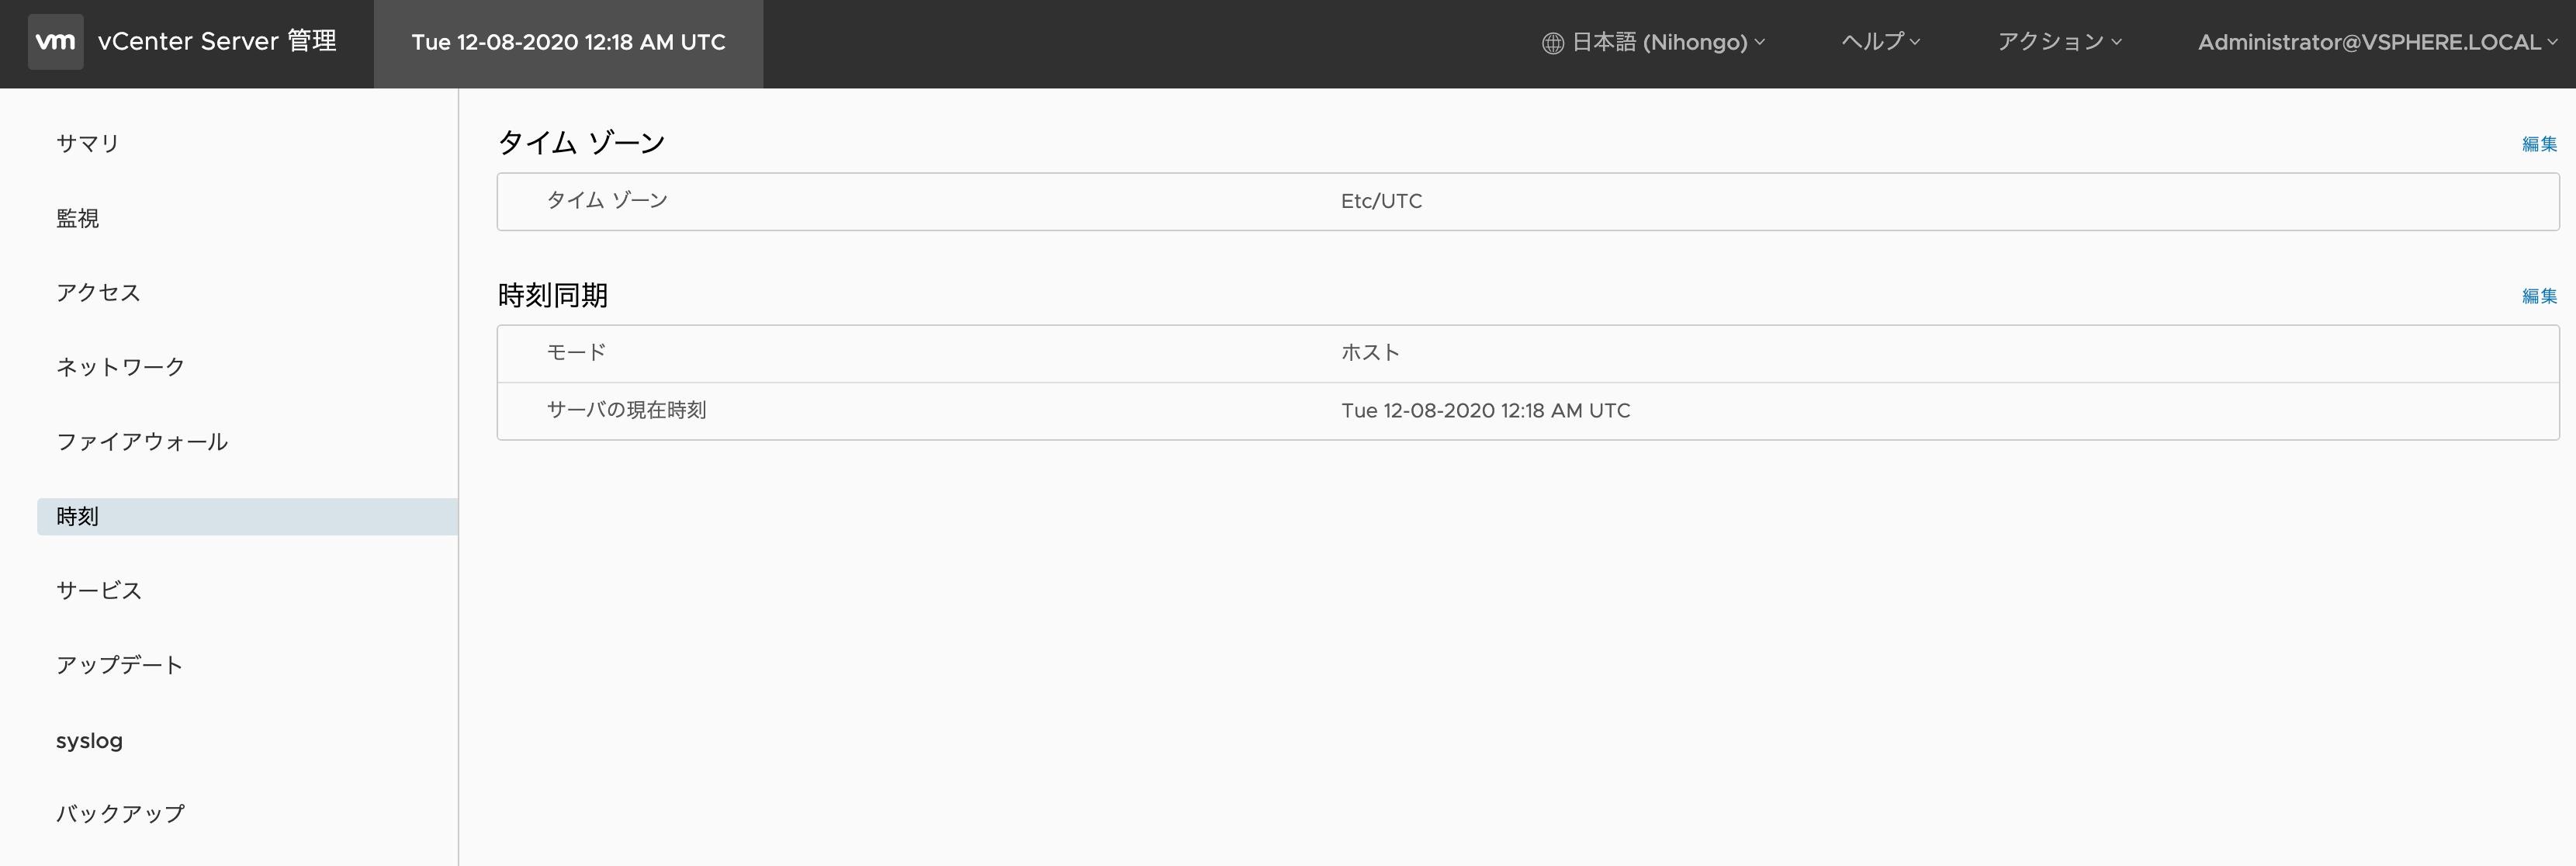 スクリーンショット 2020-12-08 0.20.31.png